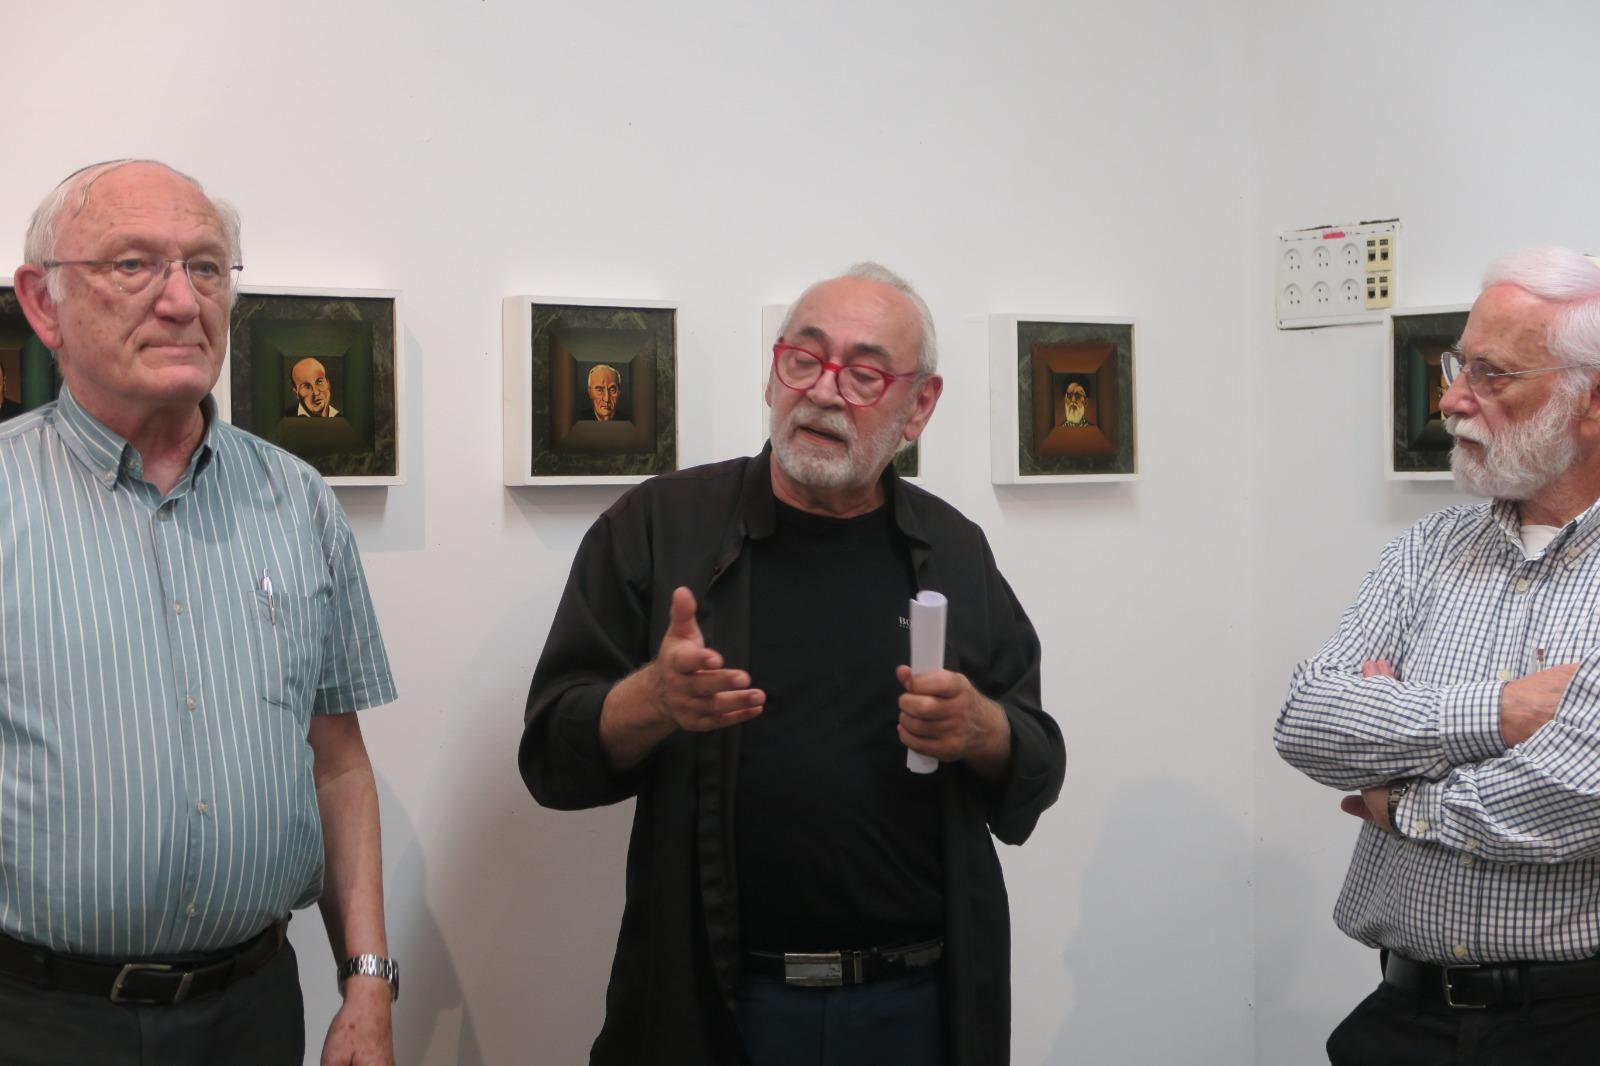 """תערוכה קצת אחרת: מכללת תלפיות פותחת את עונת התערוכות ב""""גלריה האחרת"""""""